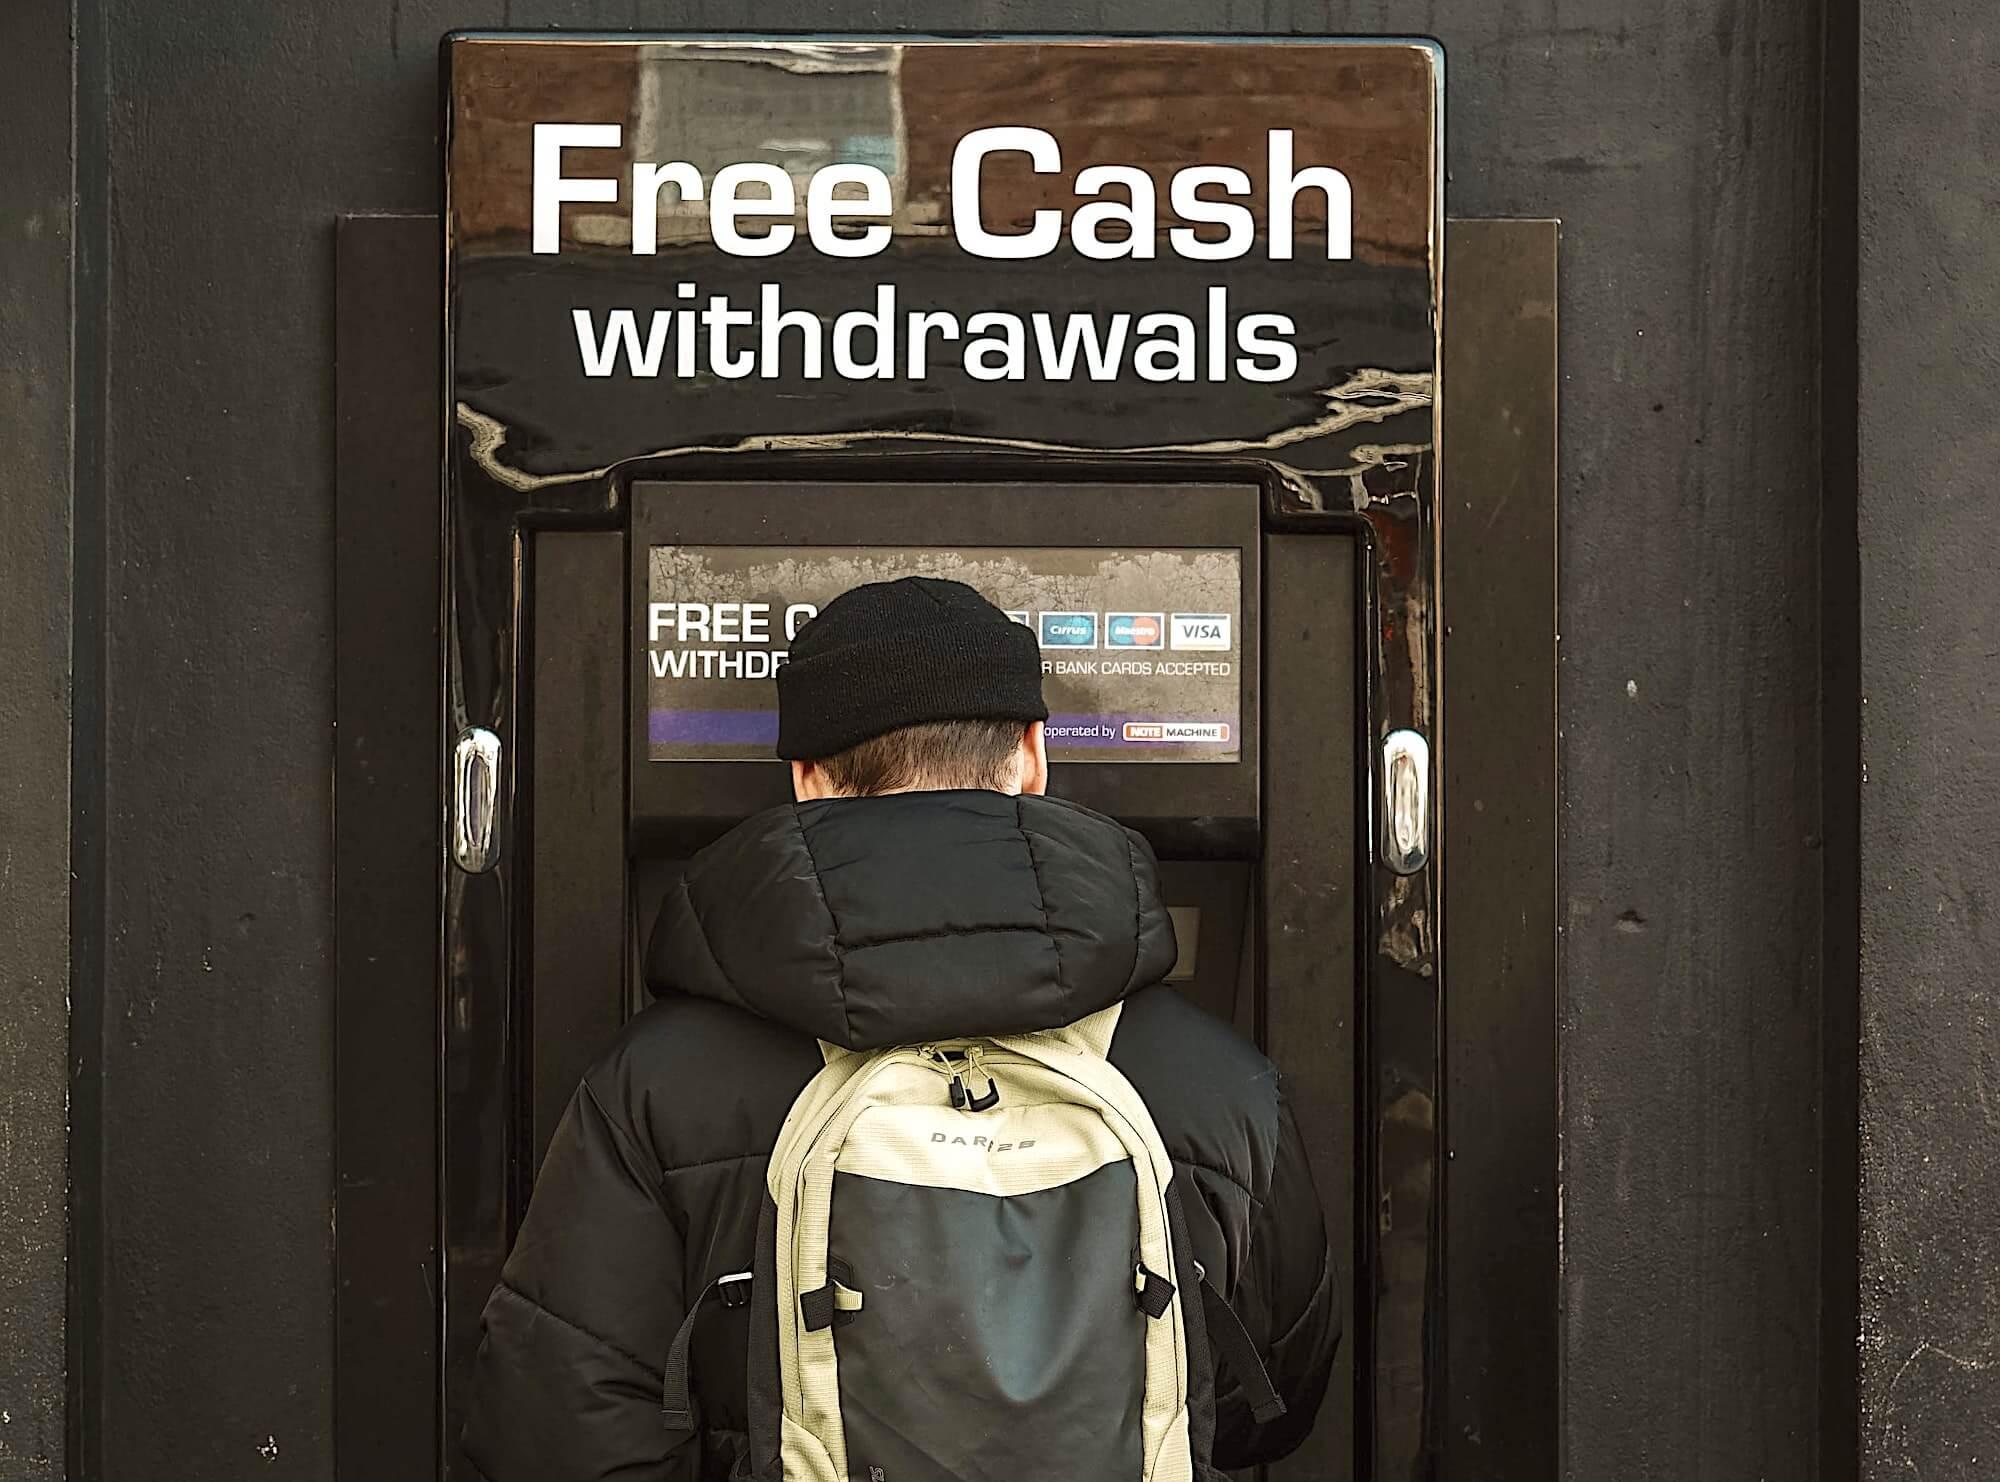 Фотография: Toa Heftiba. Источник: Unsplash.com